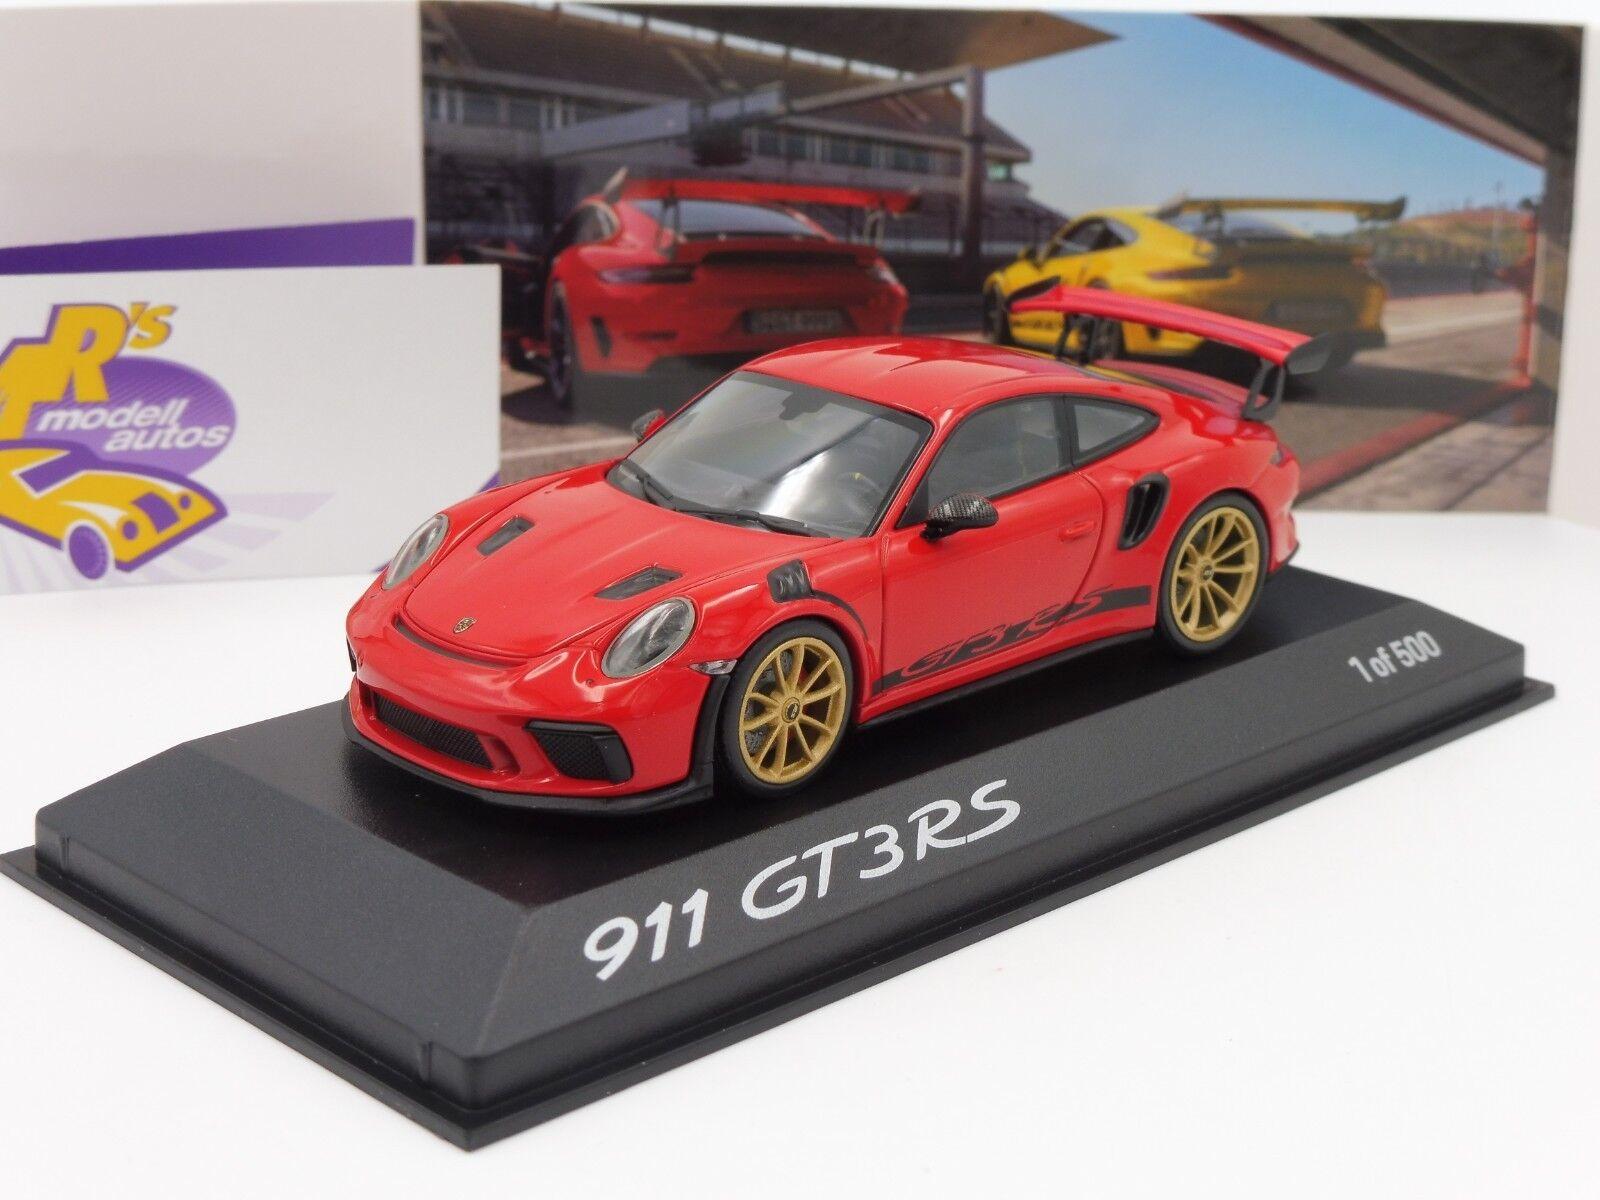 MINICHAMPS wax02020084   Porsche 911 gt3 rs année de fabrication 2017 IN  ROUGE INDIEN  1 43